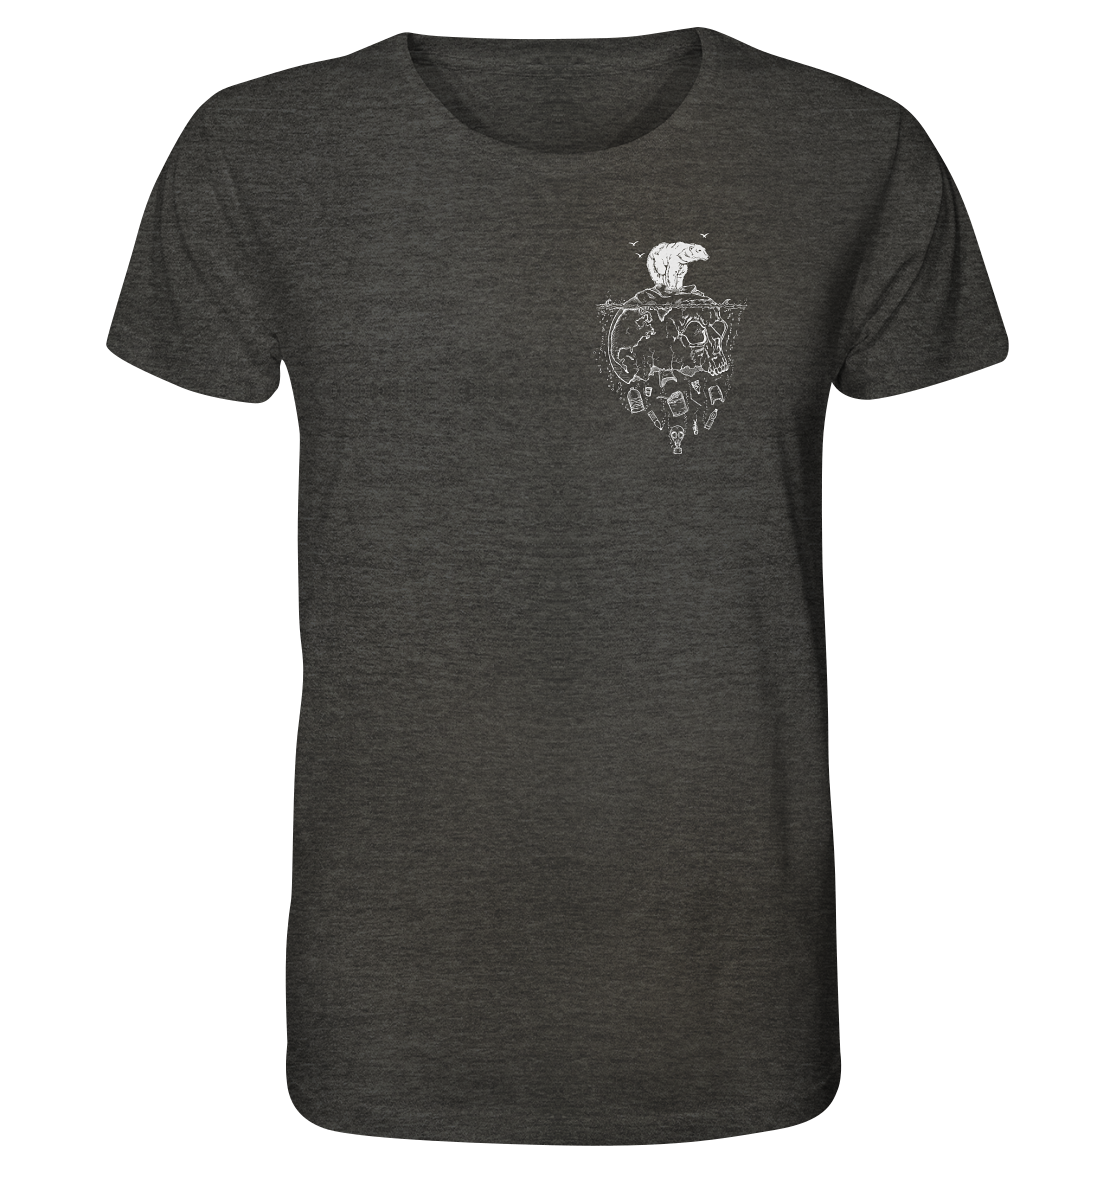 front-organic-shirt-meliert-252625-1116x-16.png